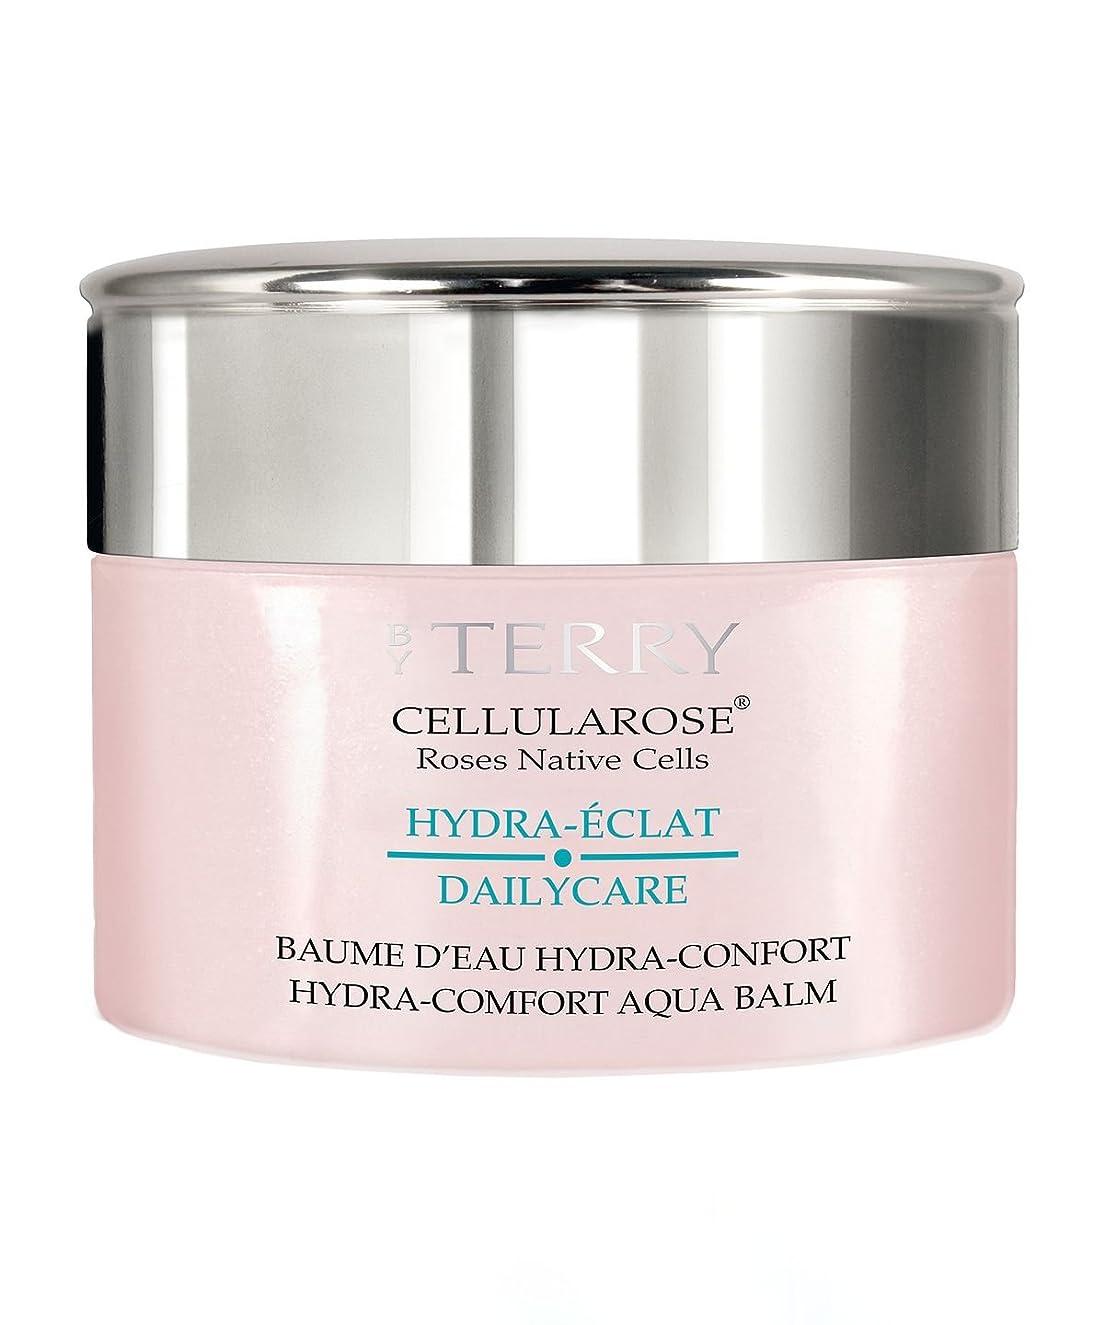 熟達スモッグ情熱的バイテリー Cellularose Hydra-Eclat Dailycare Hydra-Comfort Aqua Balm 30g/1.05oz並行輸入品